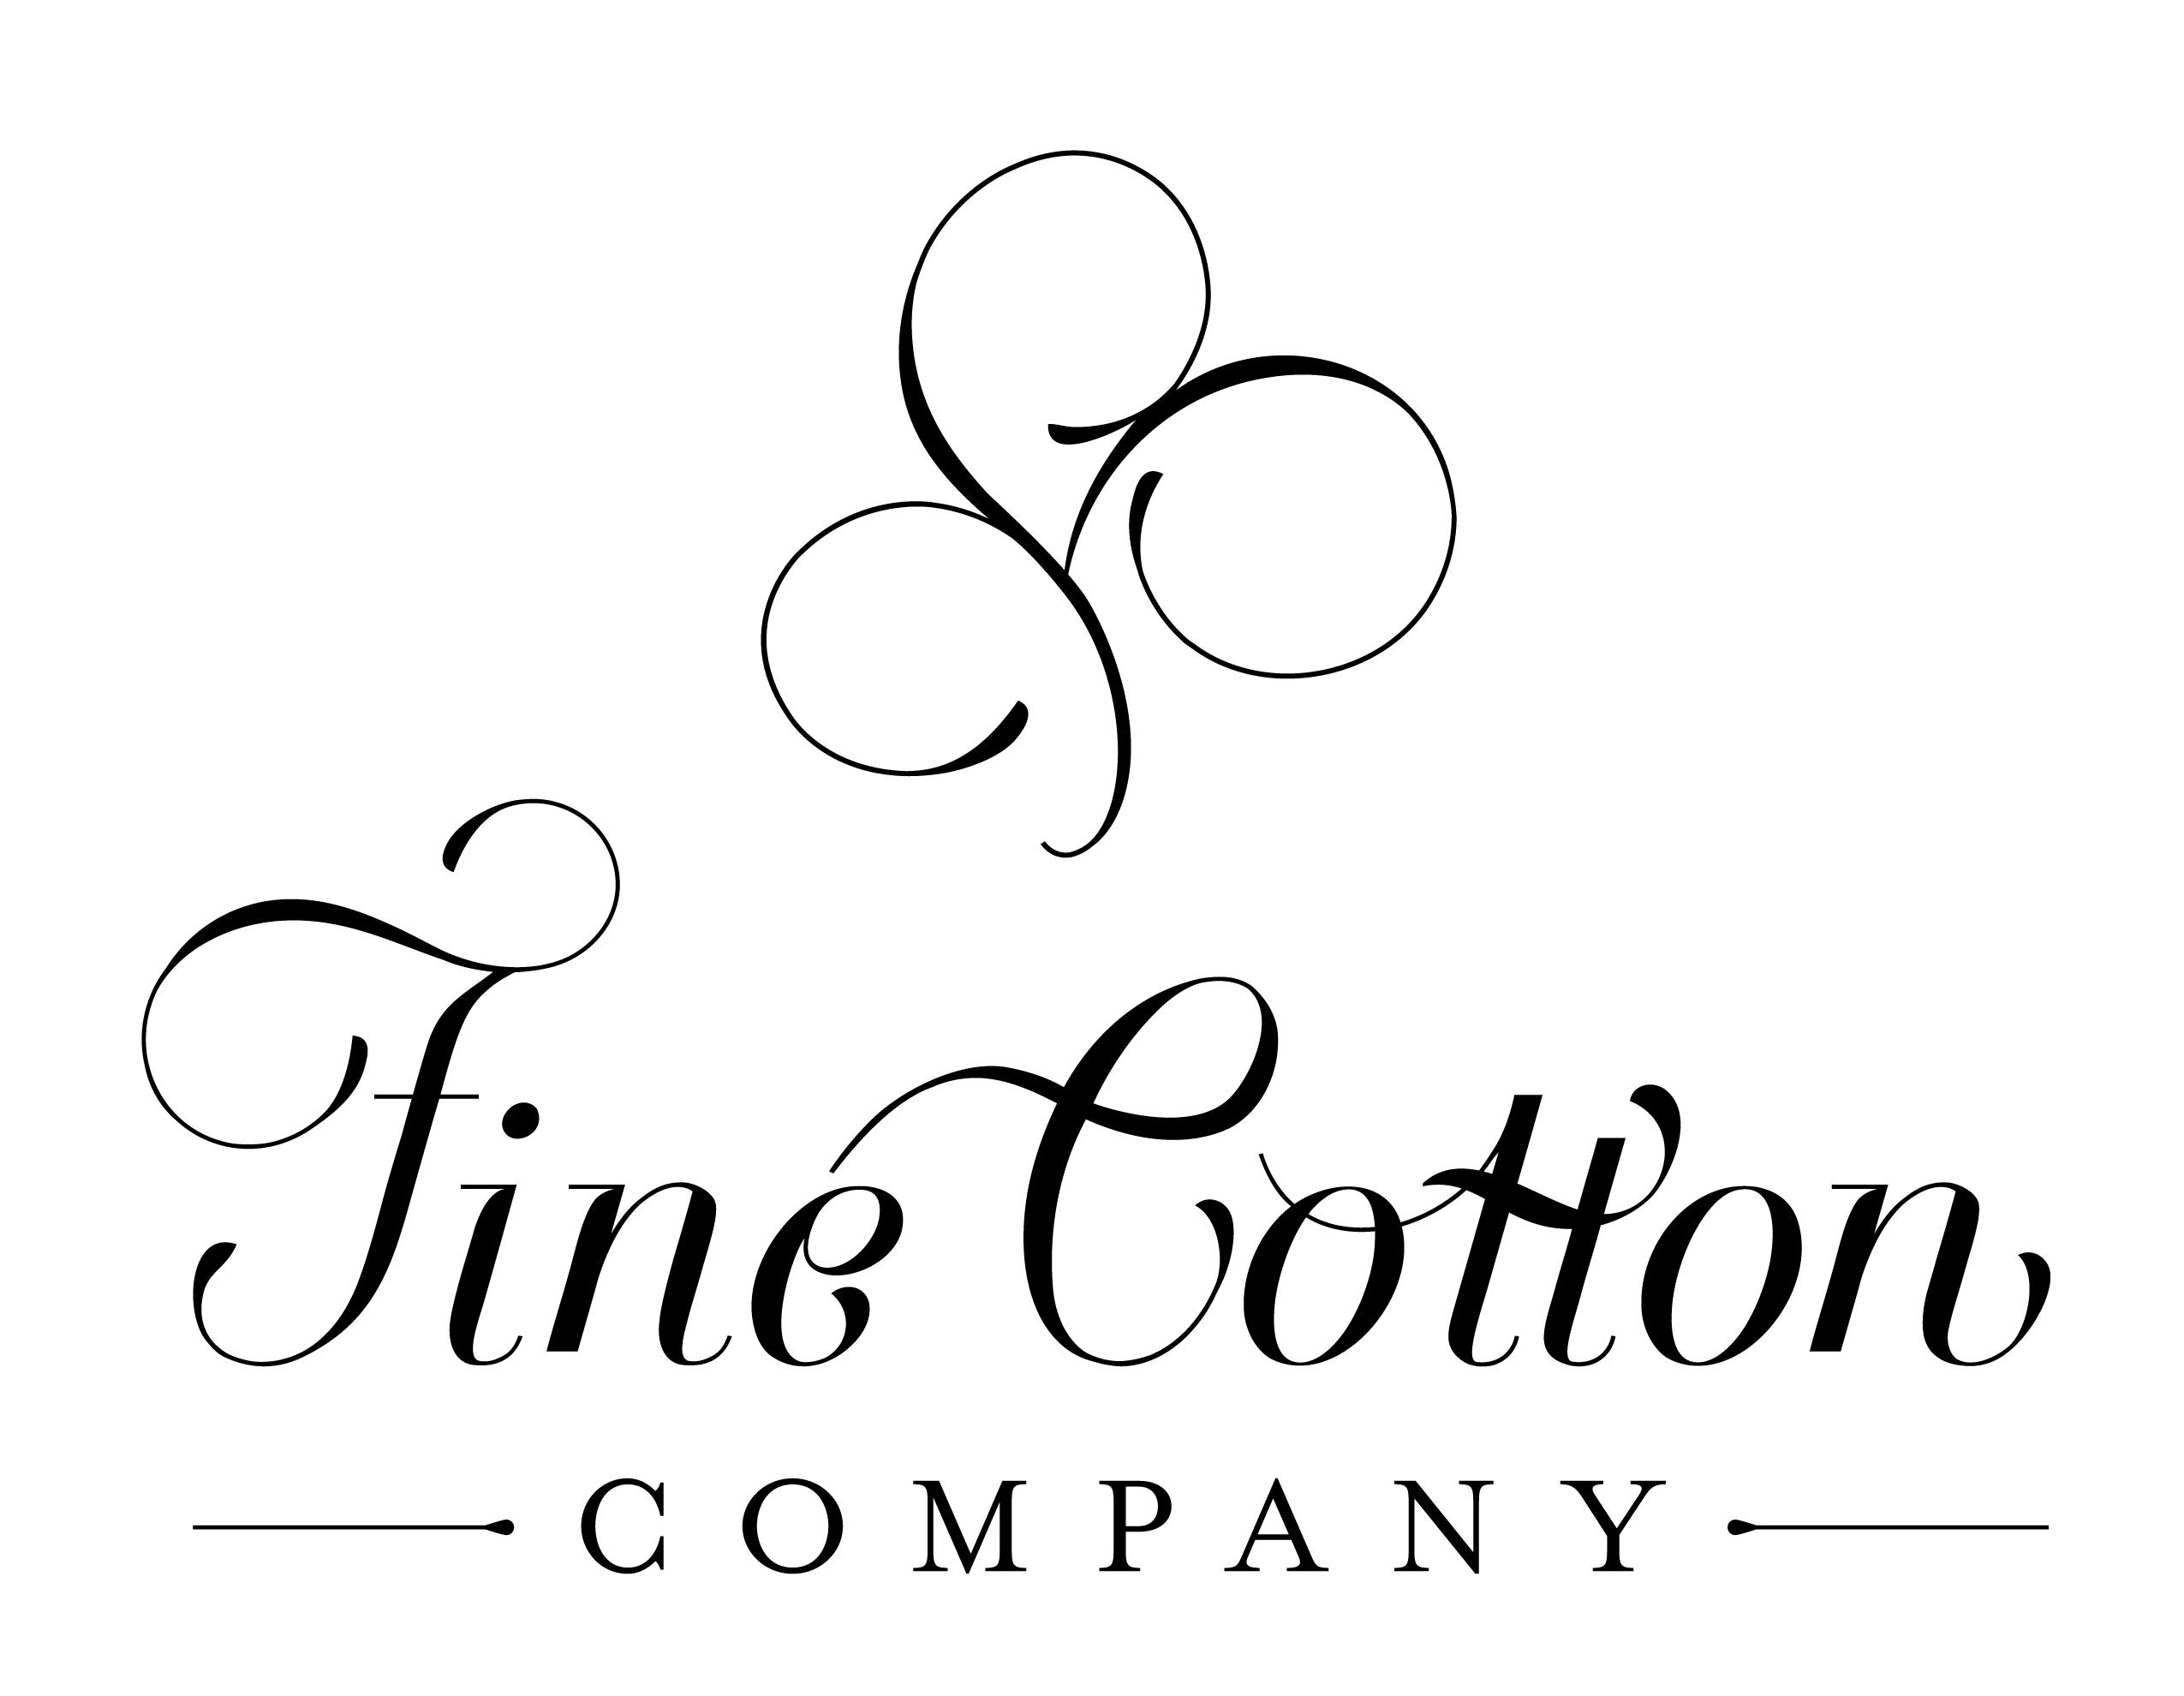 FINE_COTTON_COMPANY_central_logo